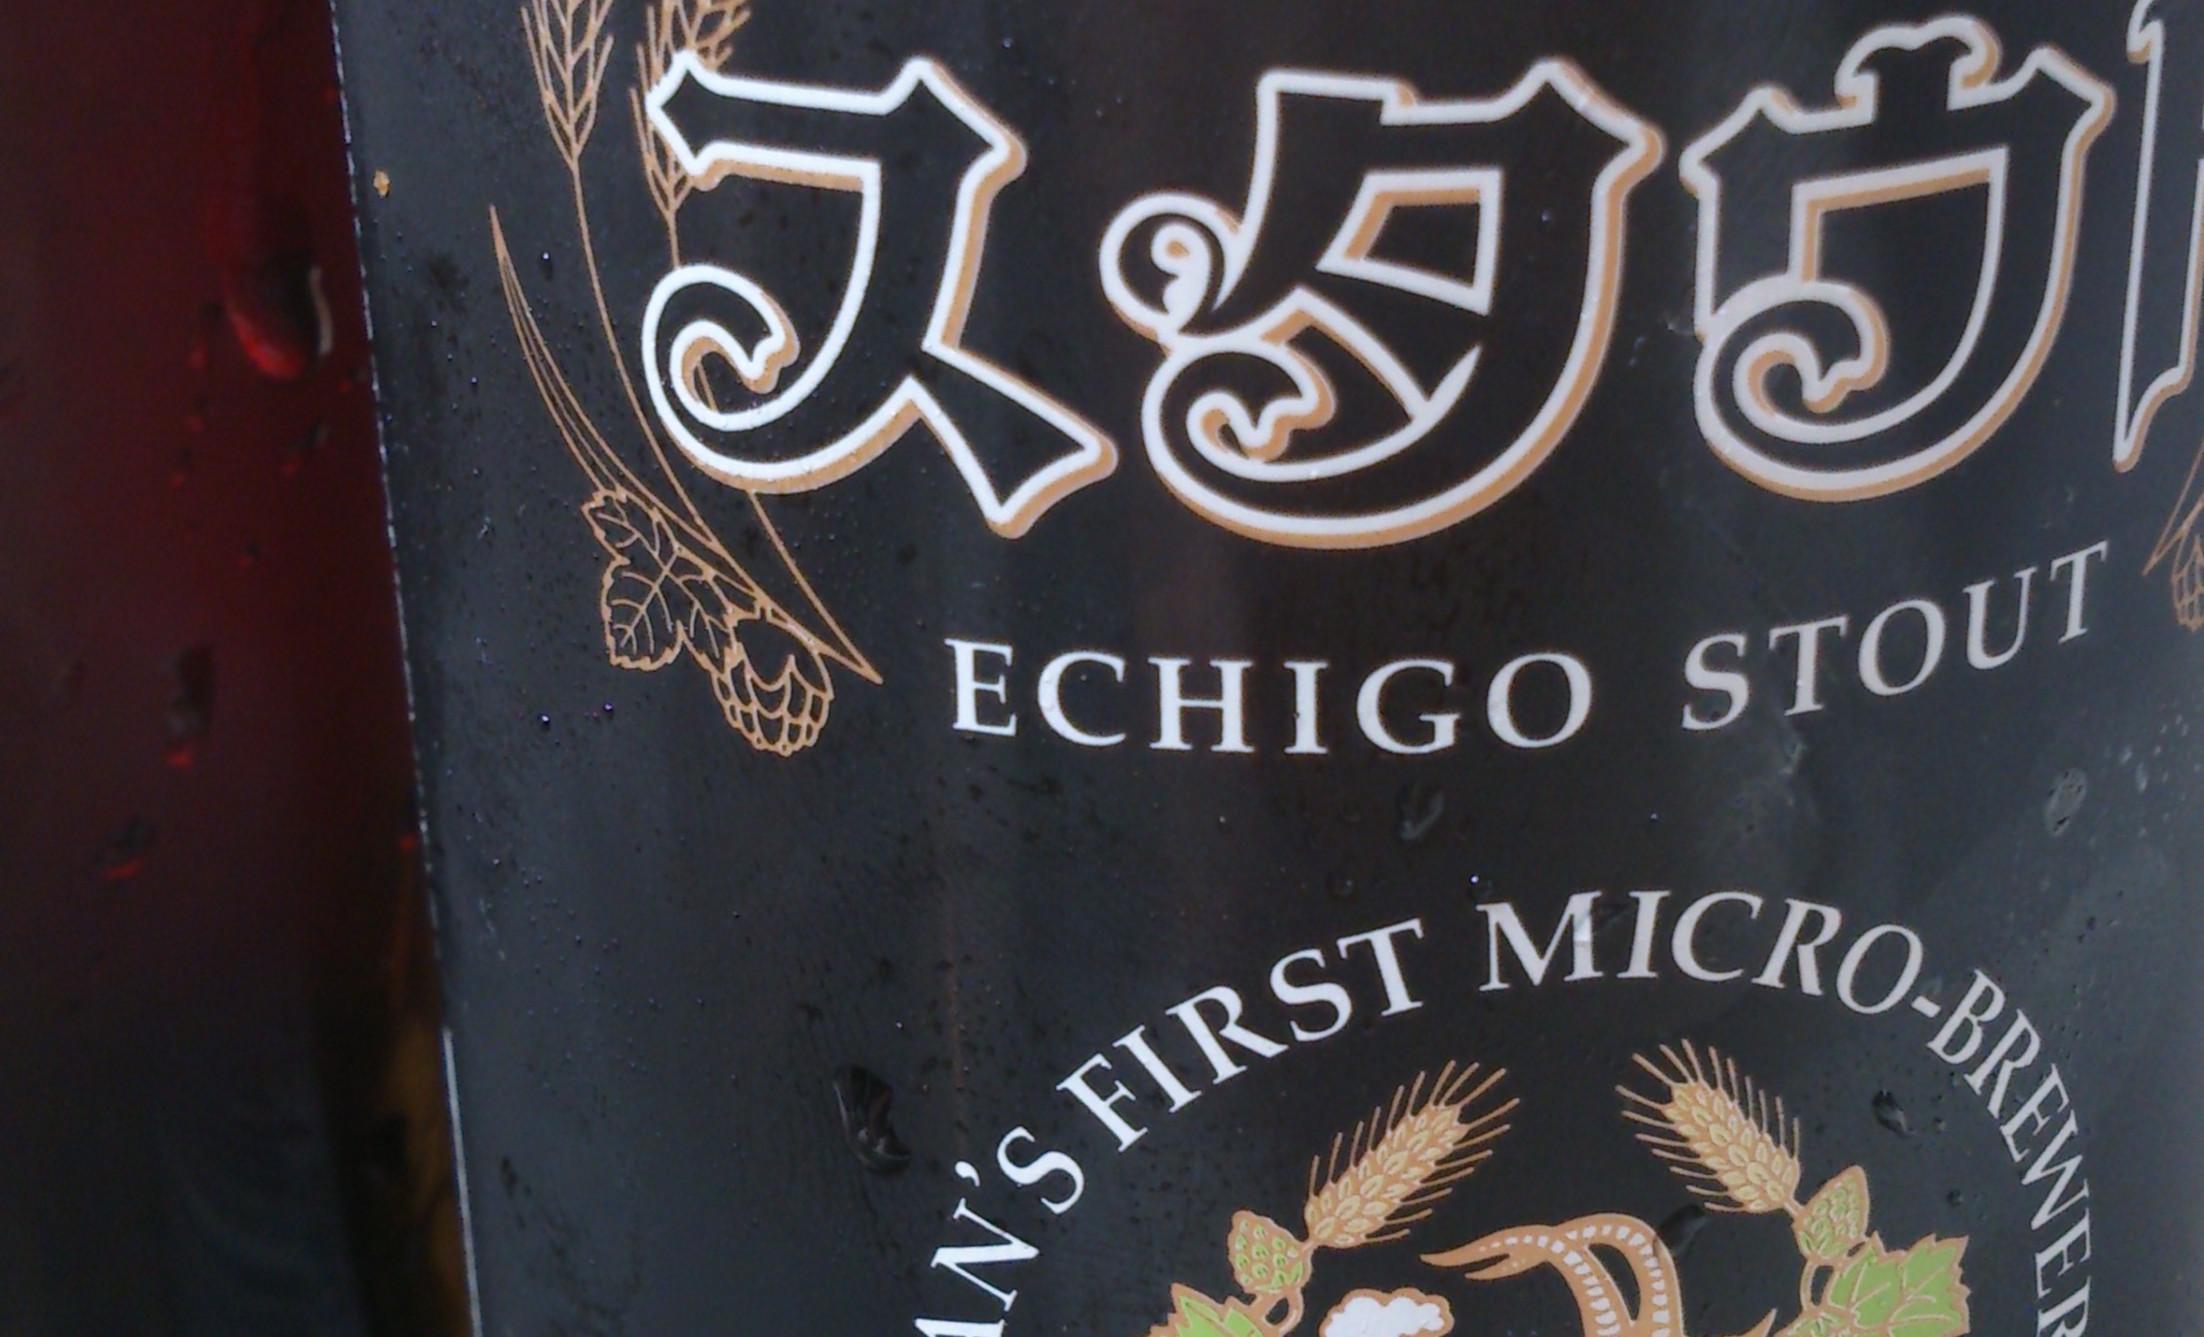 Echigo Stout